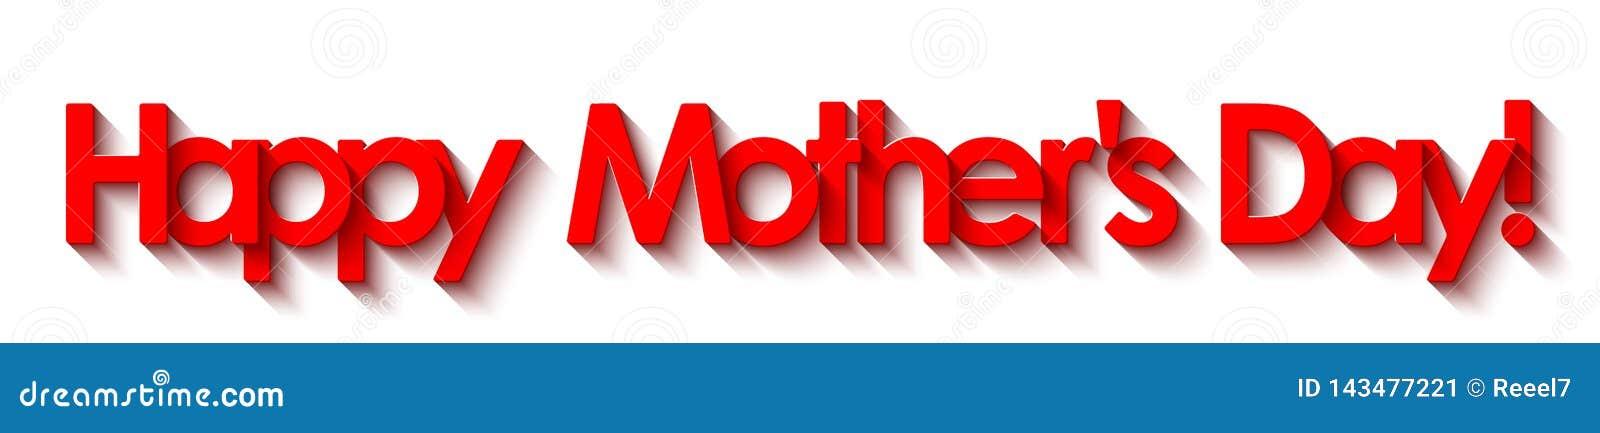 O dia de mãe feliz! Rotulação vermelha isolada no fundo branco